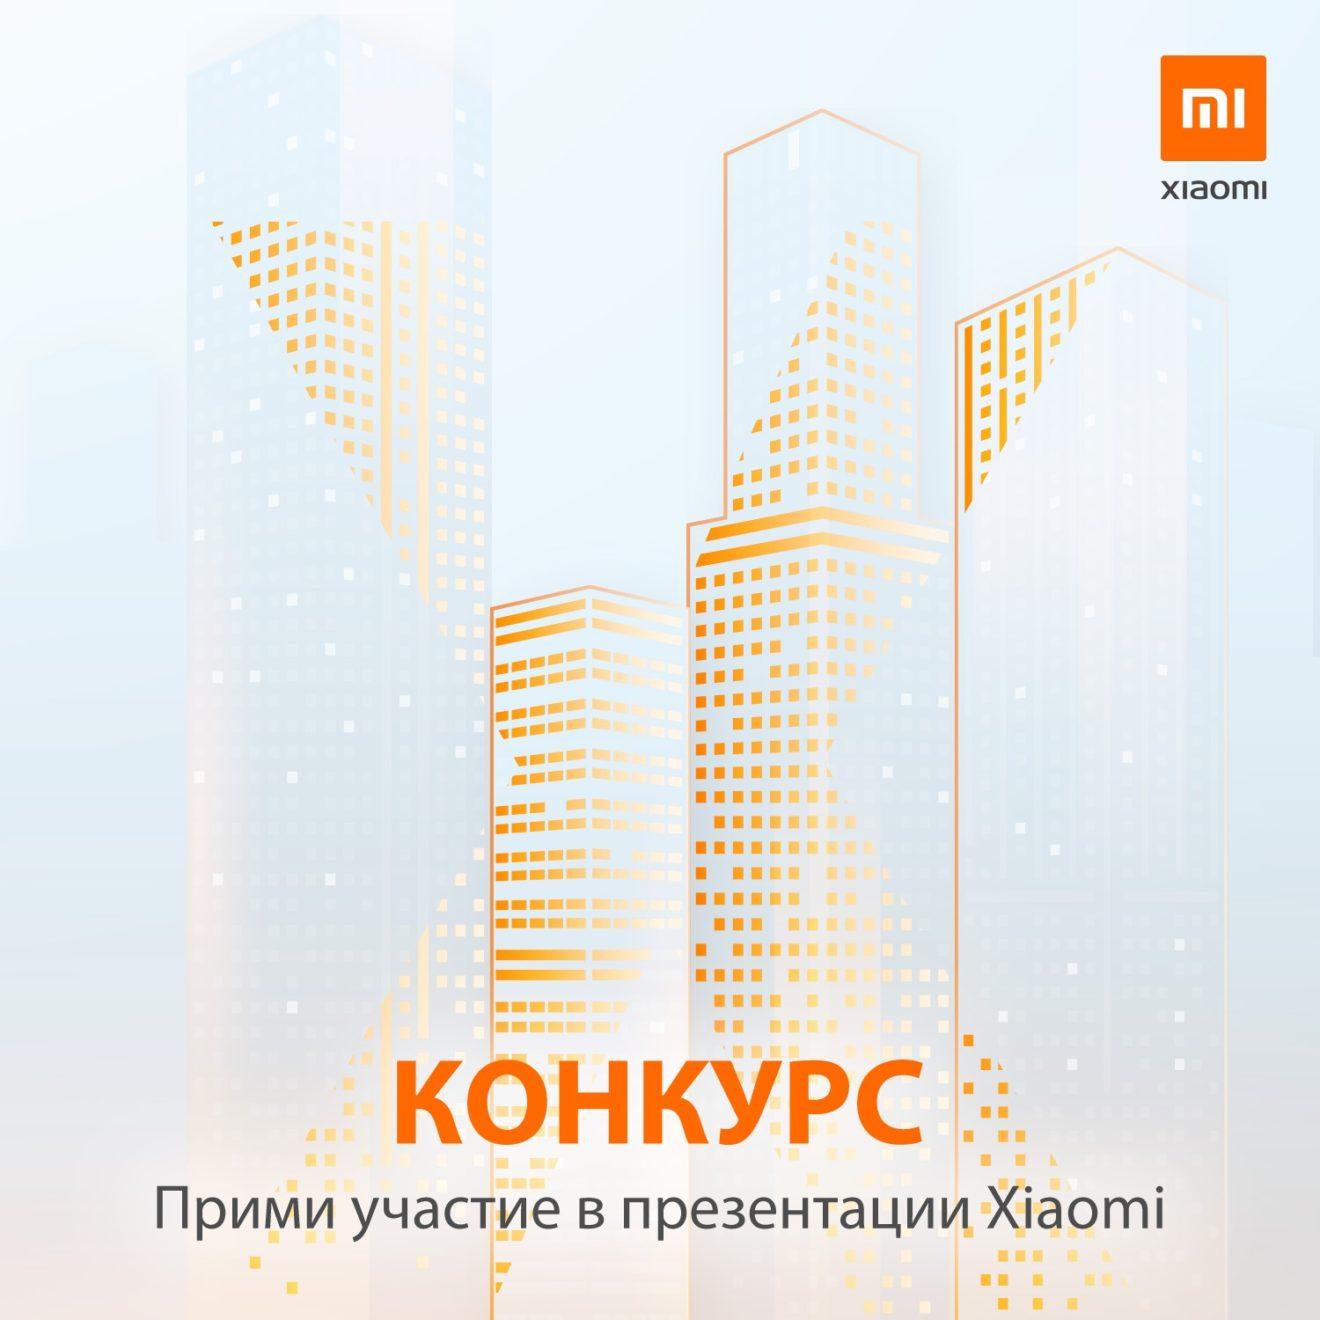 Конкурс Xiaomi